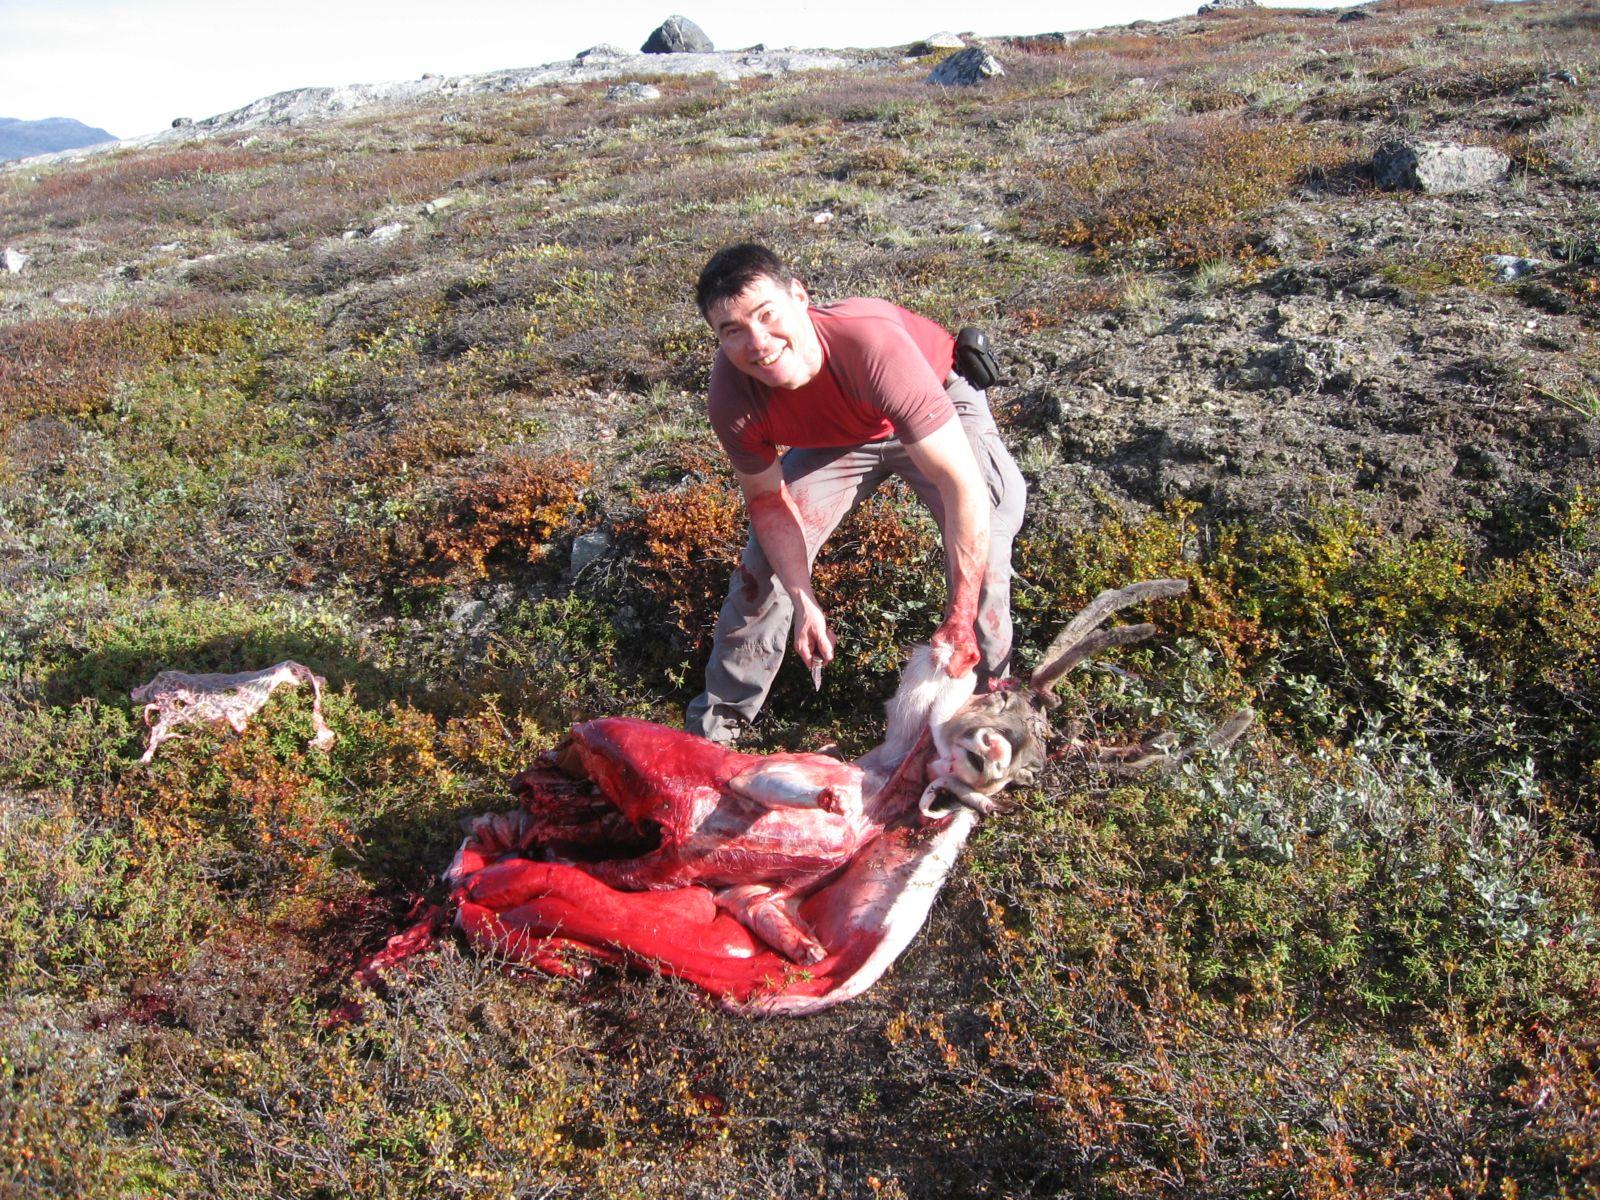 2010-09-04-1029_-_John Telling; Slagtning